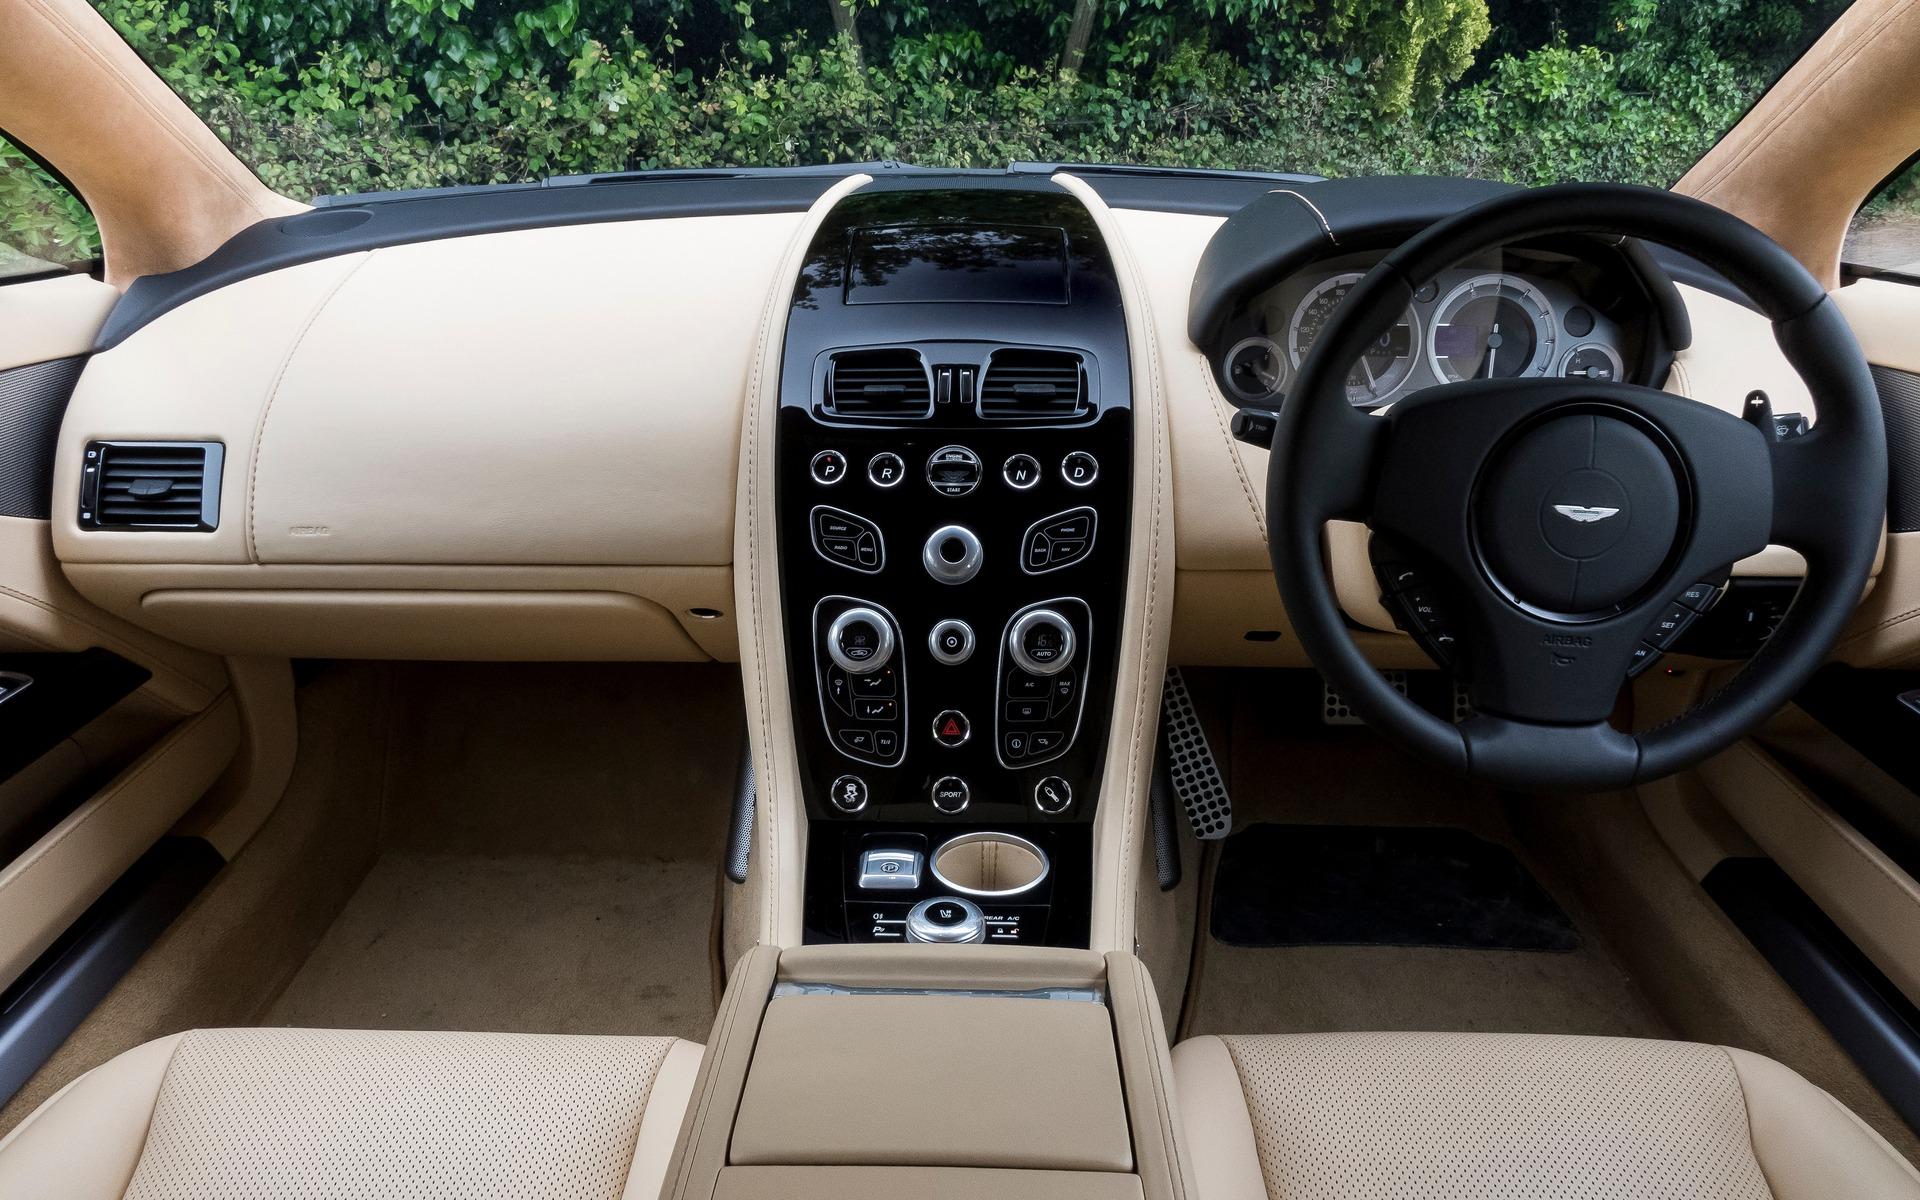 Aston Martin Rapide Photos The Car Guide - Aston martin rapid